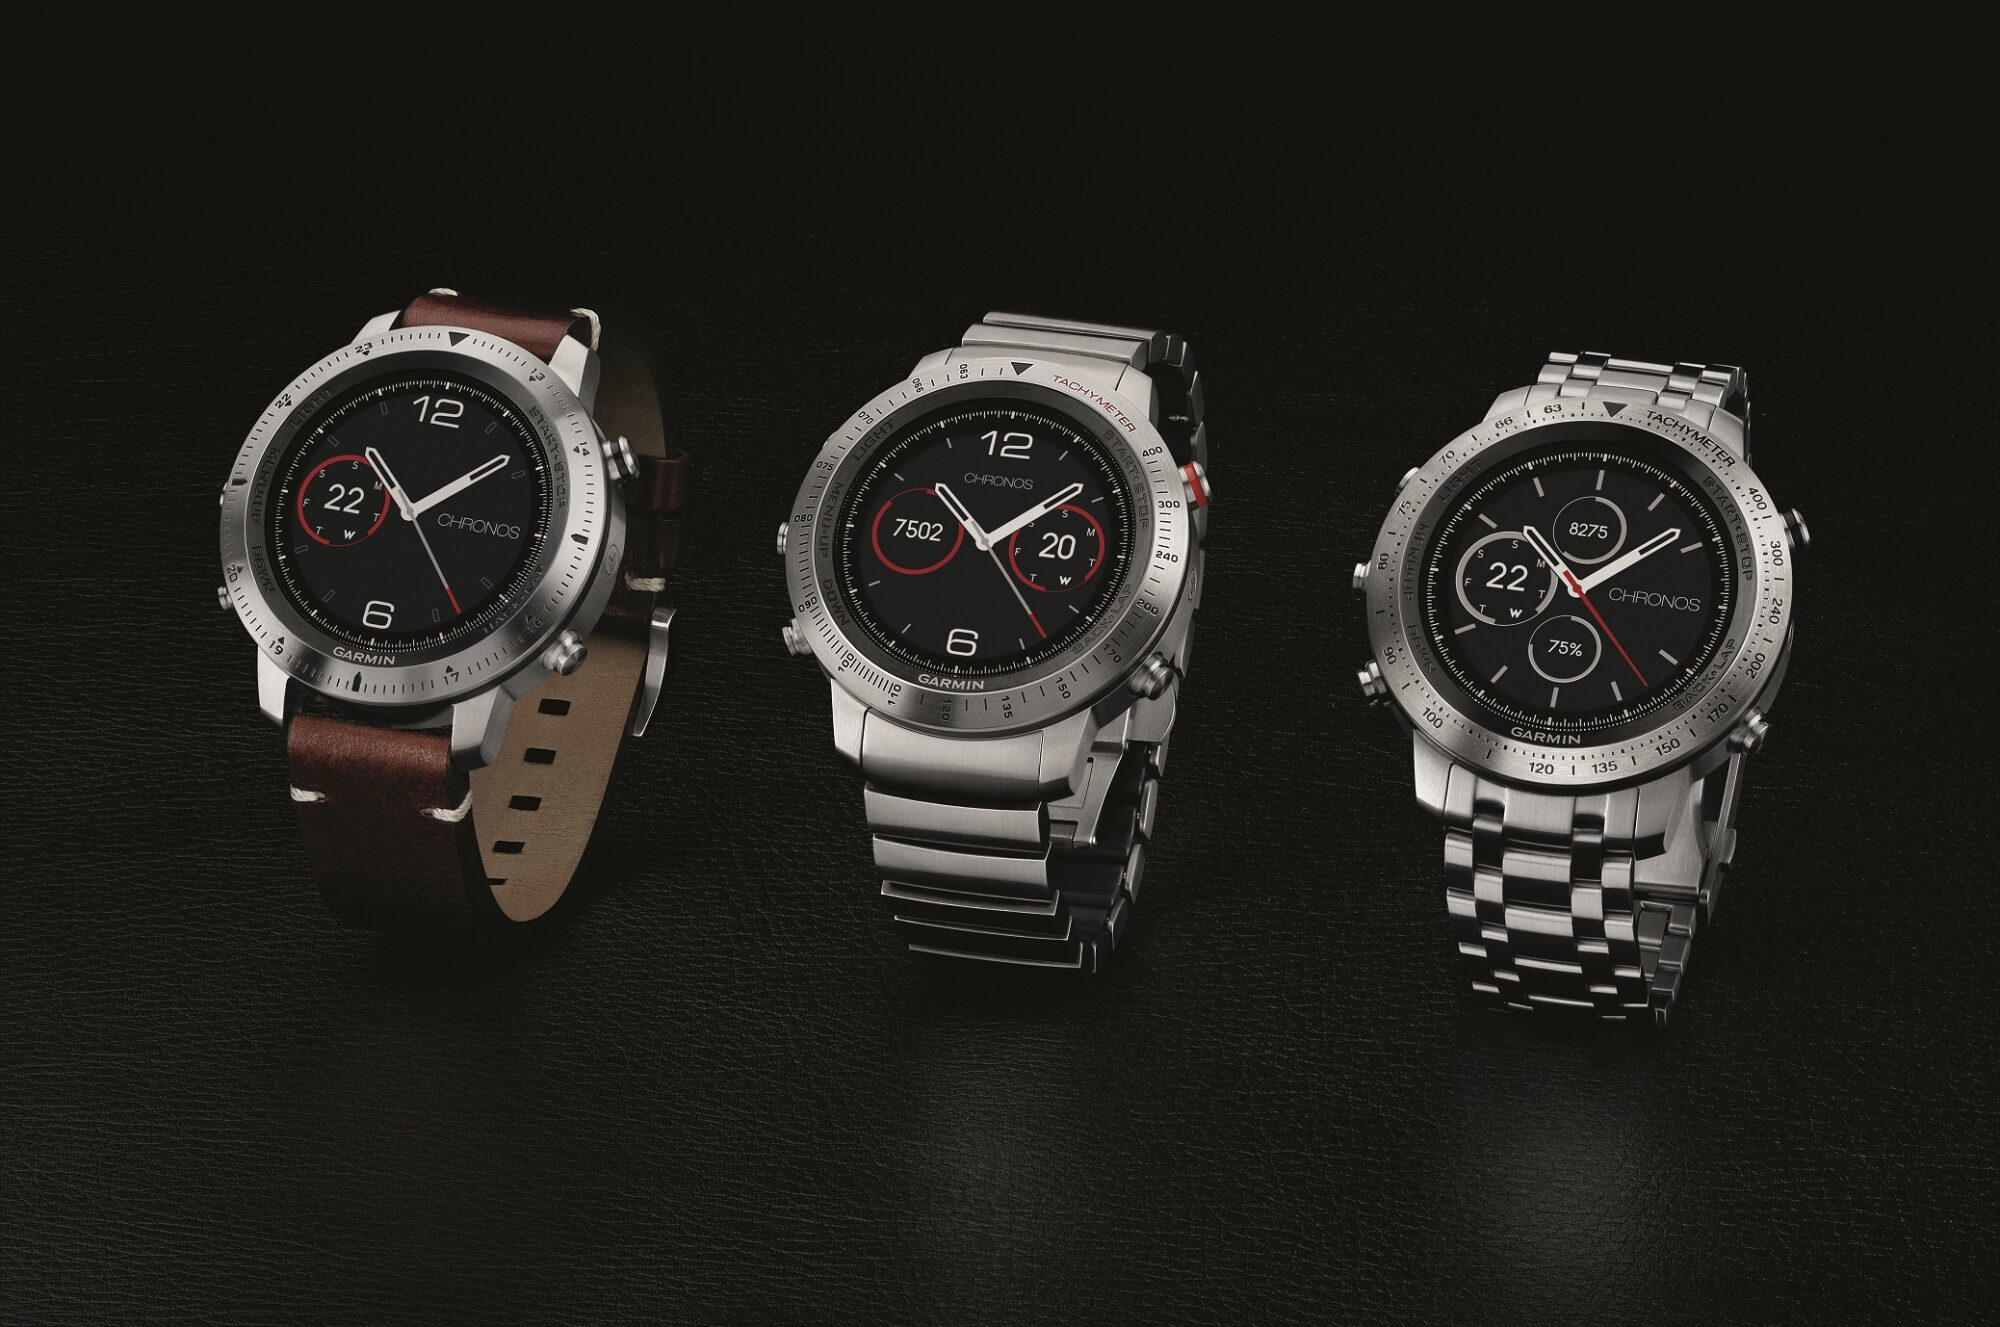 Garmin® fēnix® Chronos en sofistikerad klocka med GPS för idrottare och äventyrare